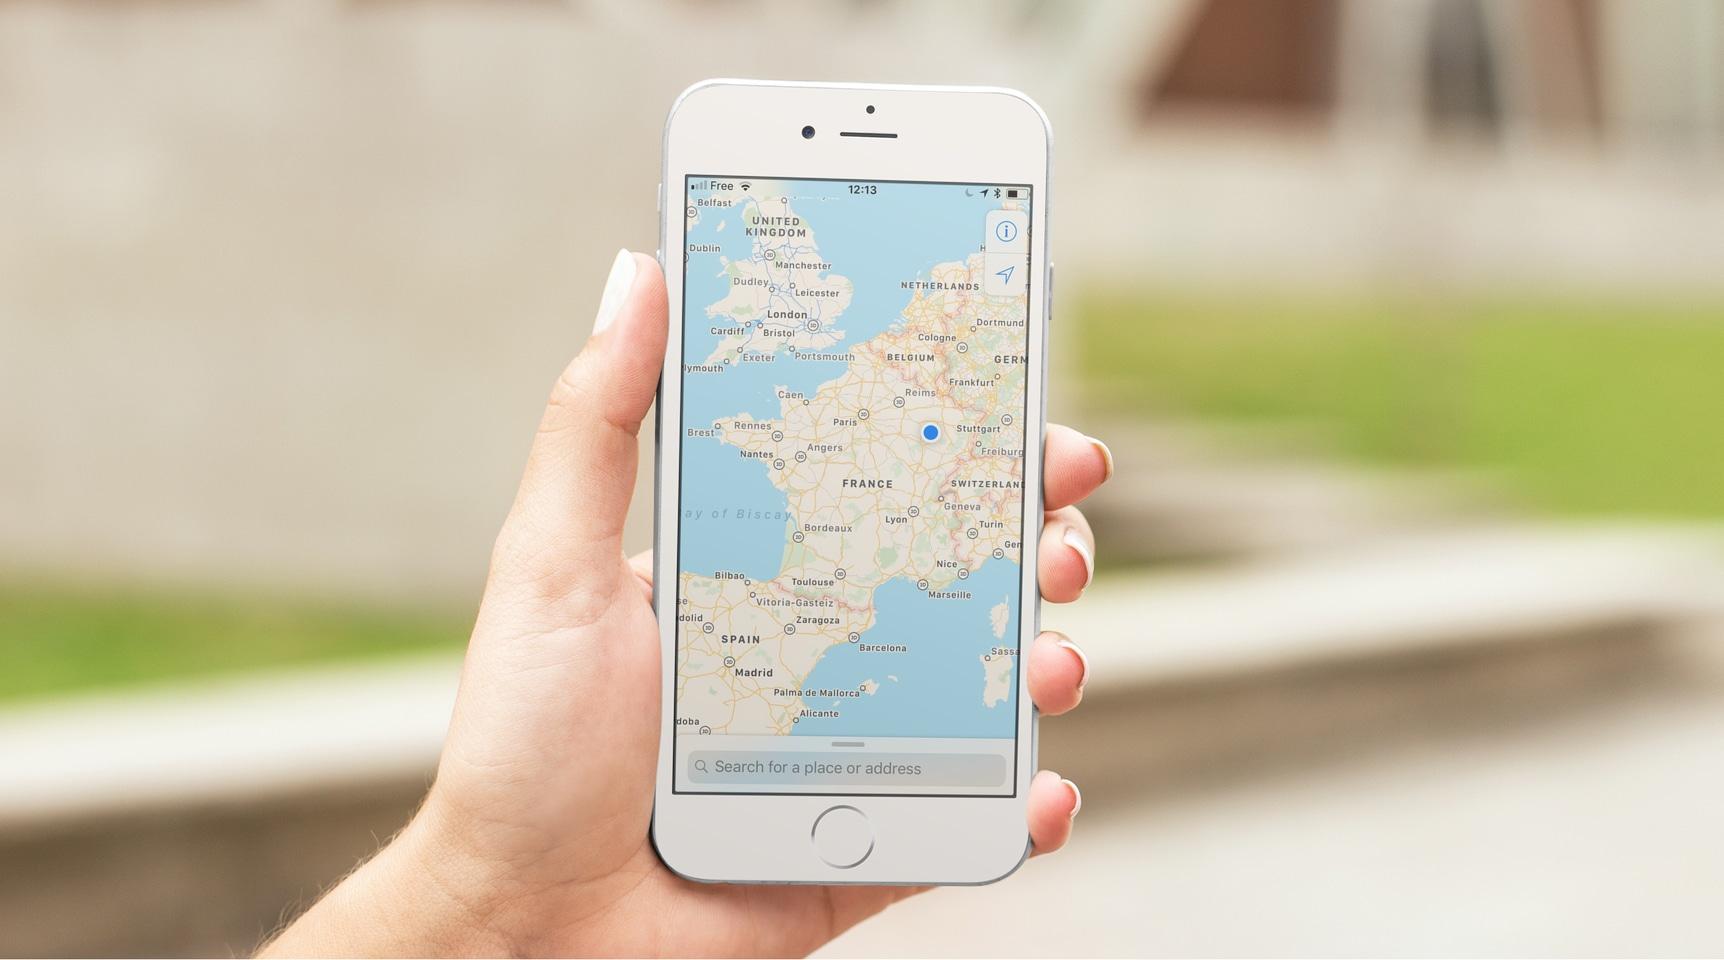 4 طرق لتغيير الموقع الجغرافي للايفون